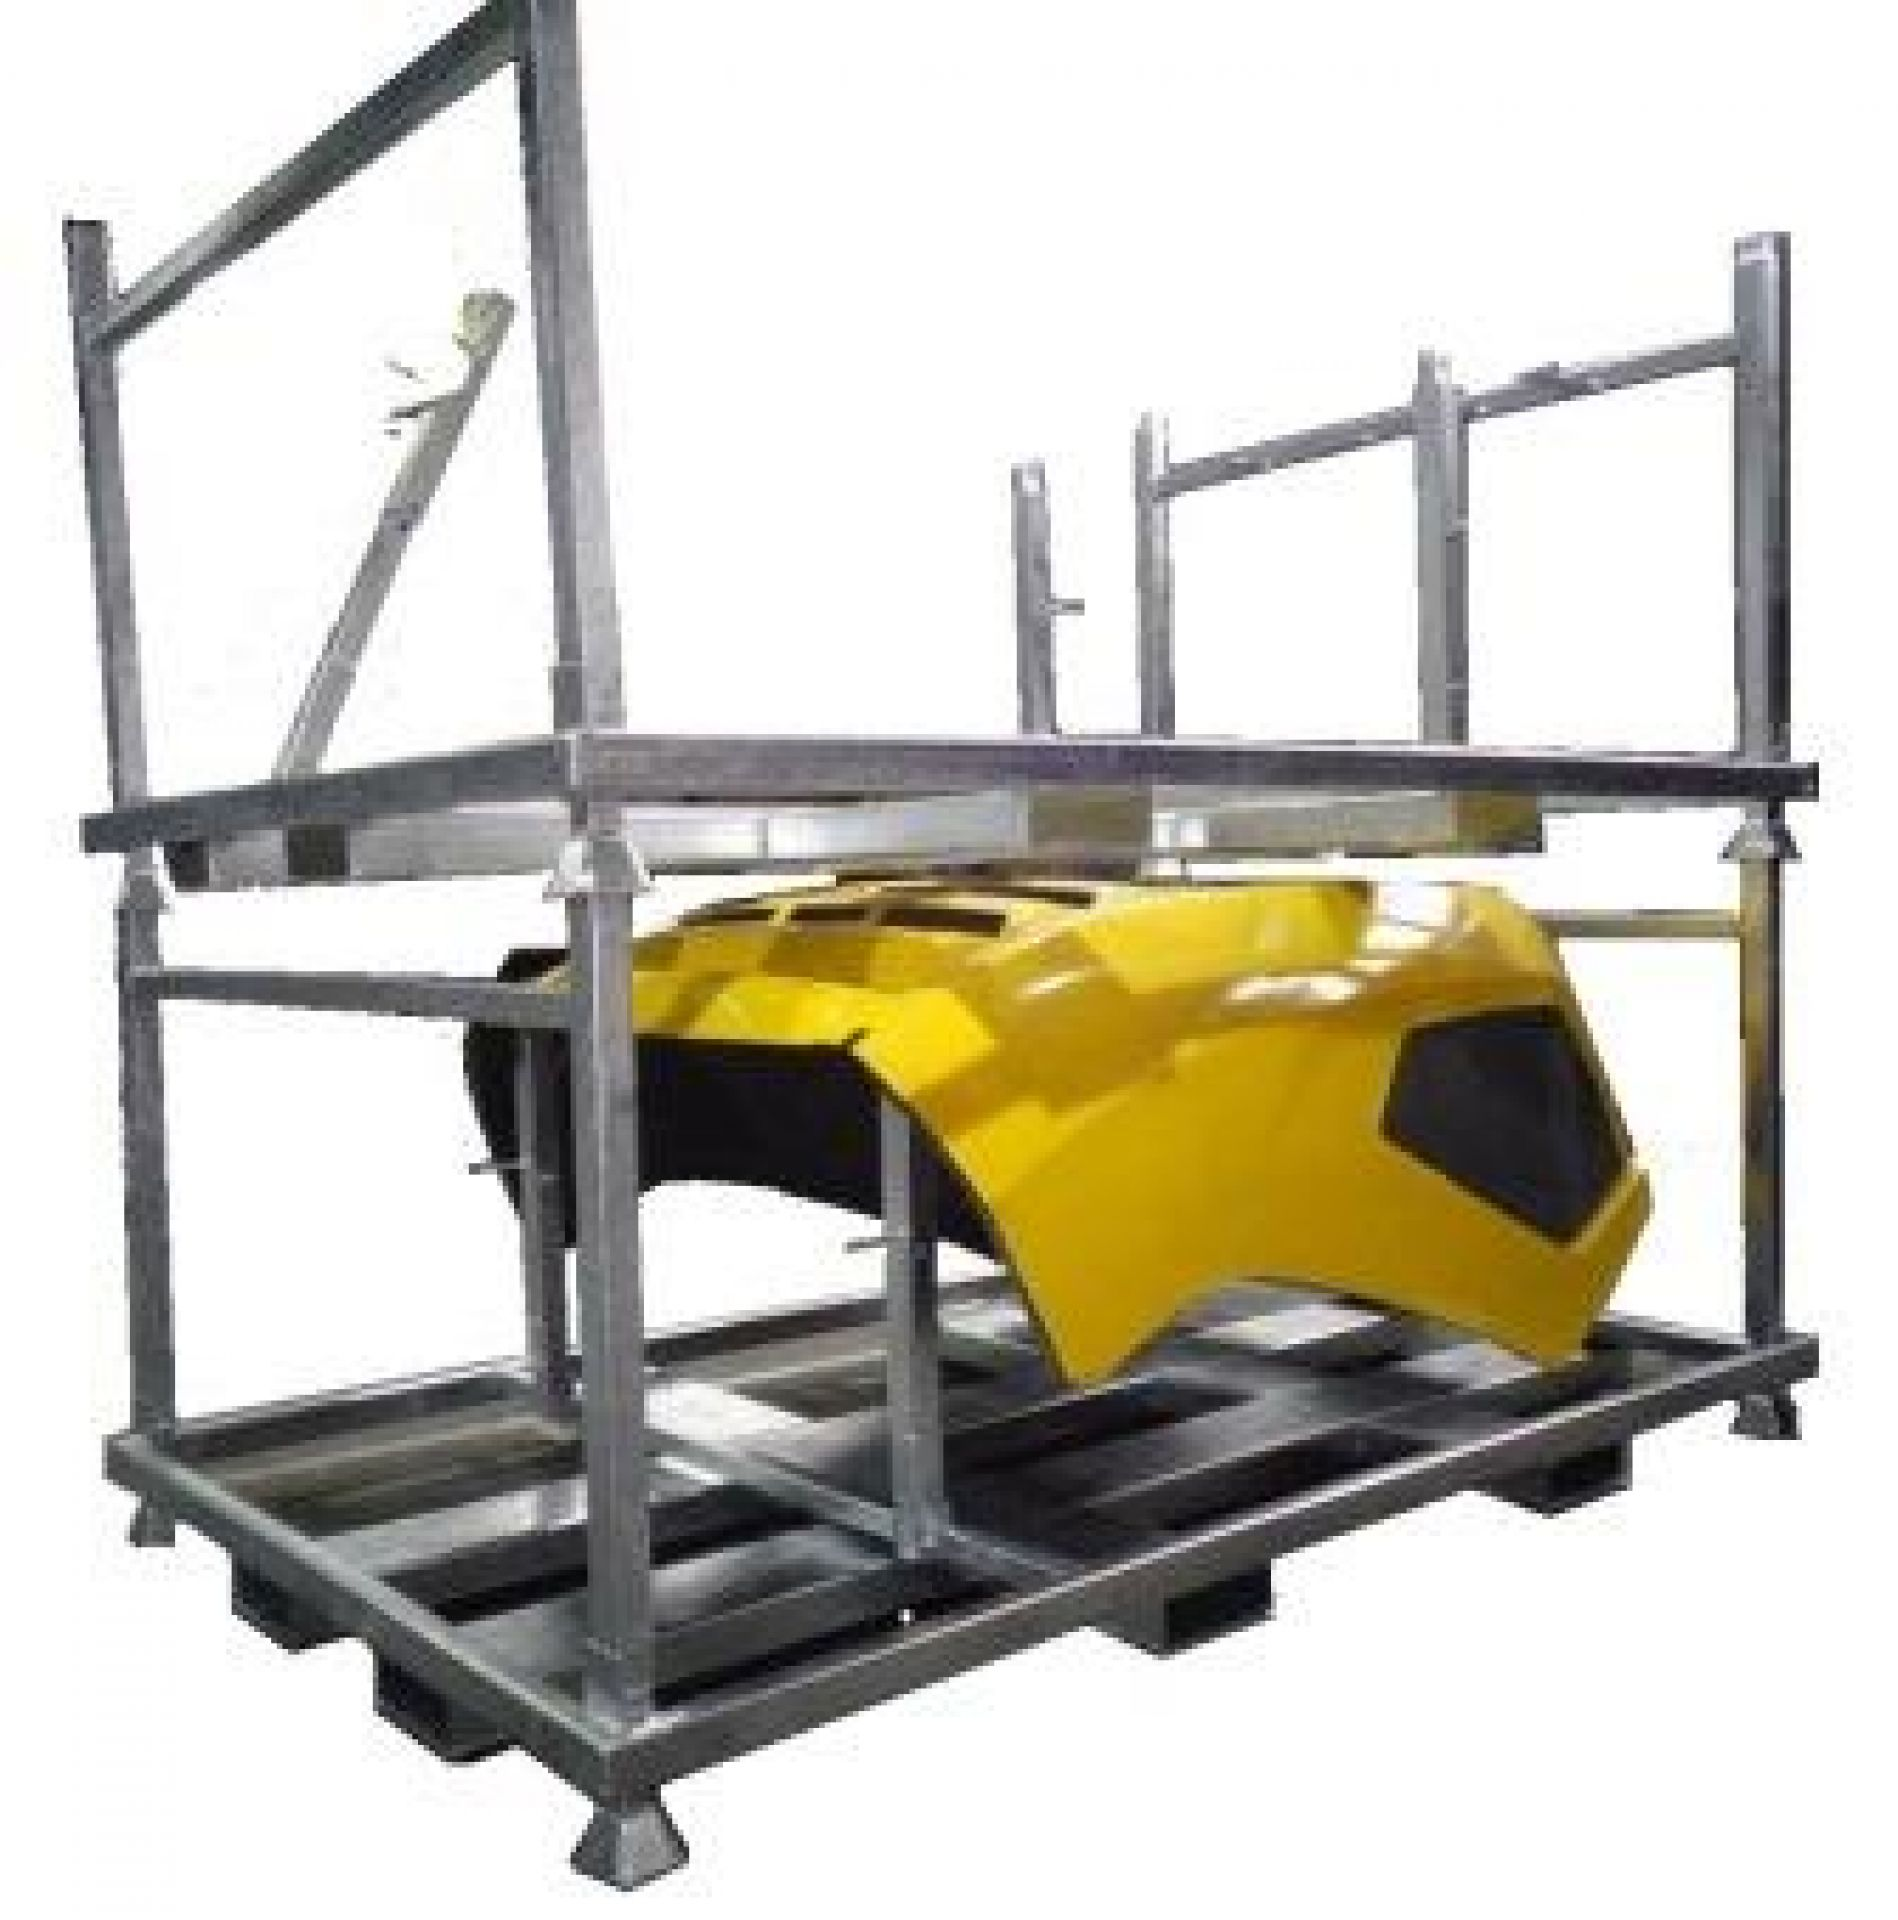 Ladungsträger für Motorhauben